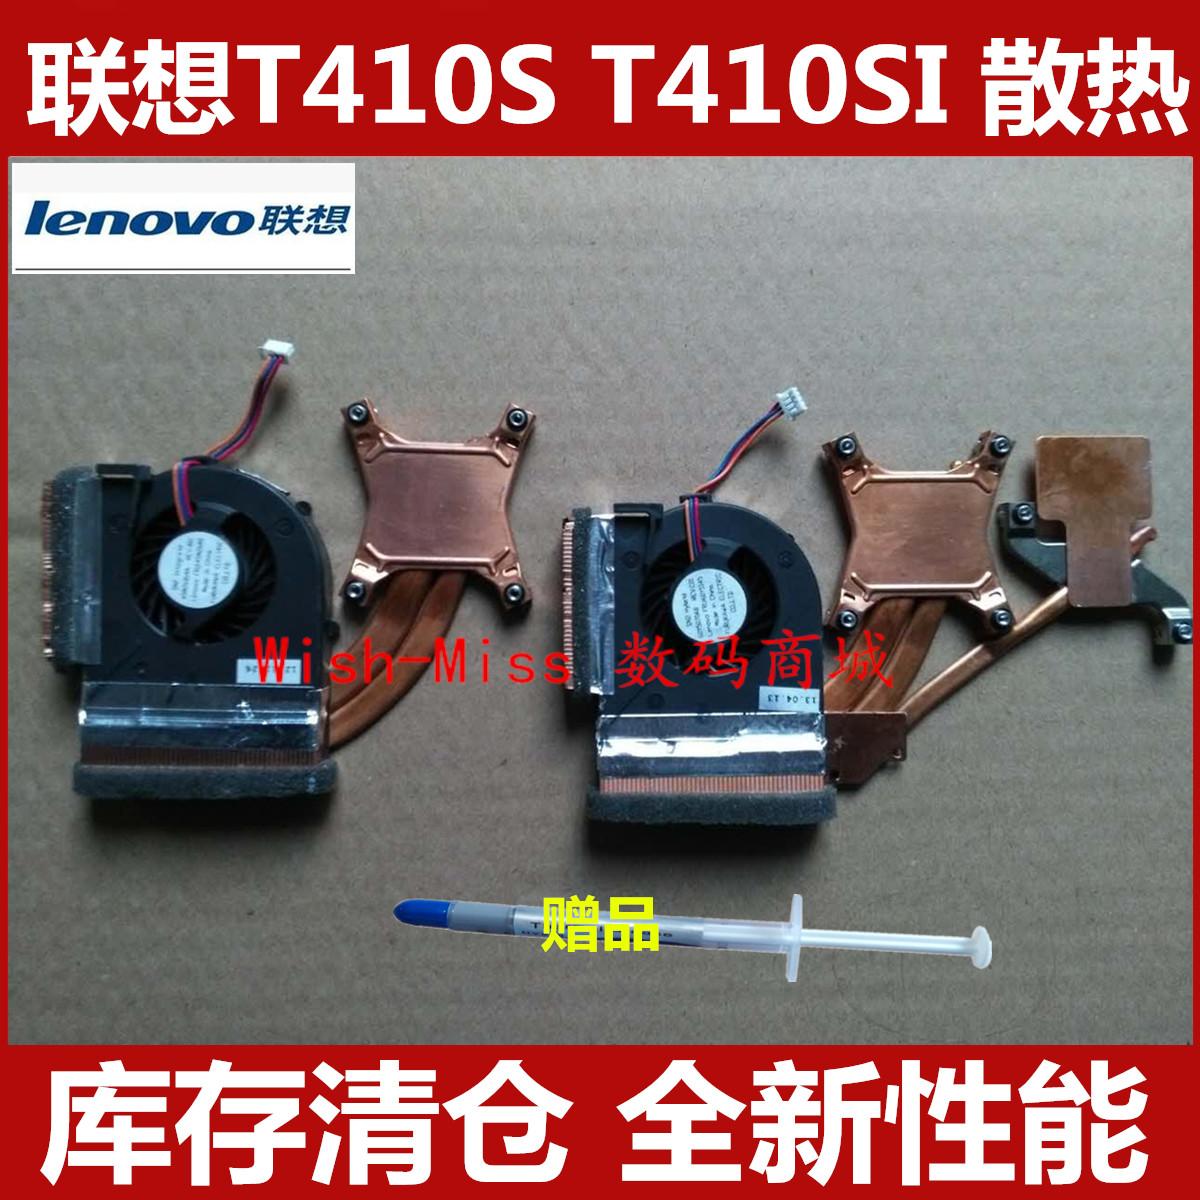 原装联想IBM Thinkpad T410S 风扇 散热器导热铜管片独集显模组